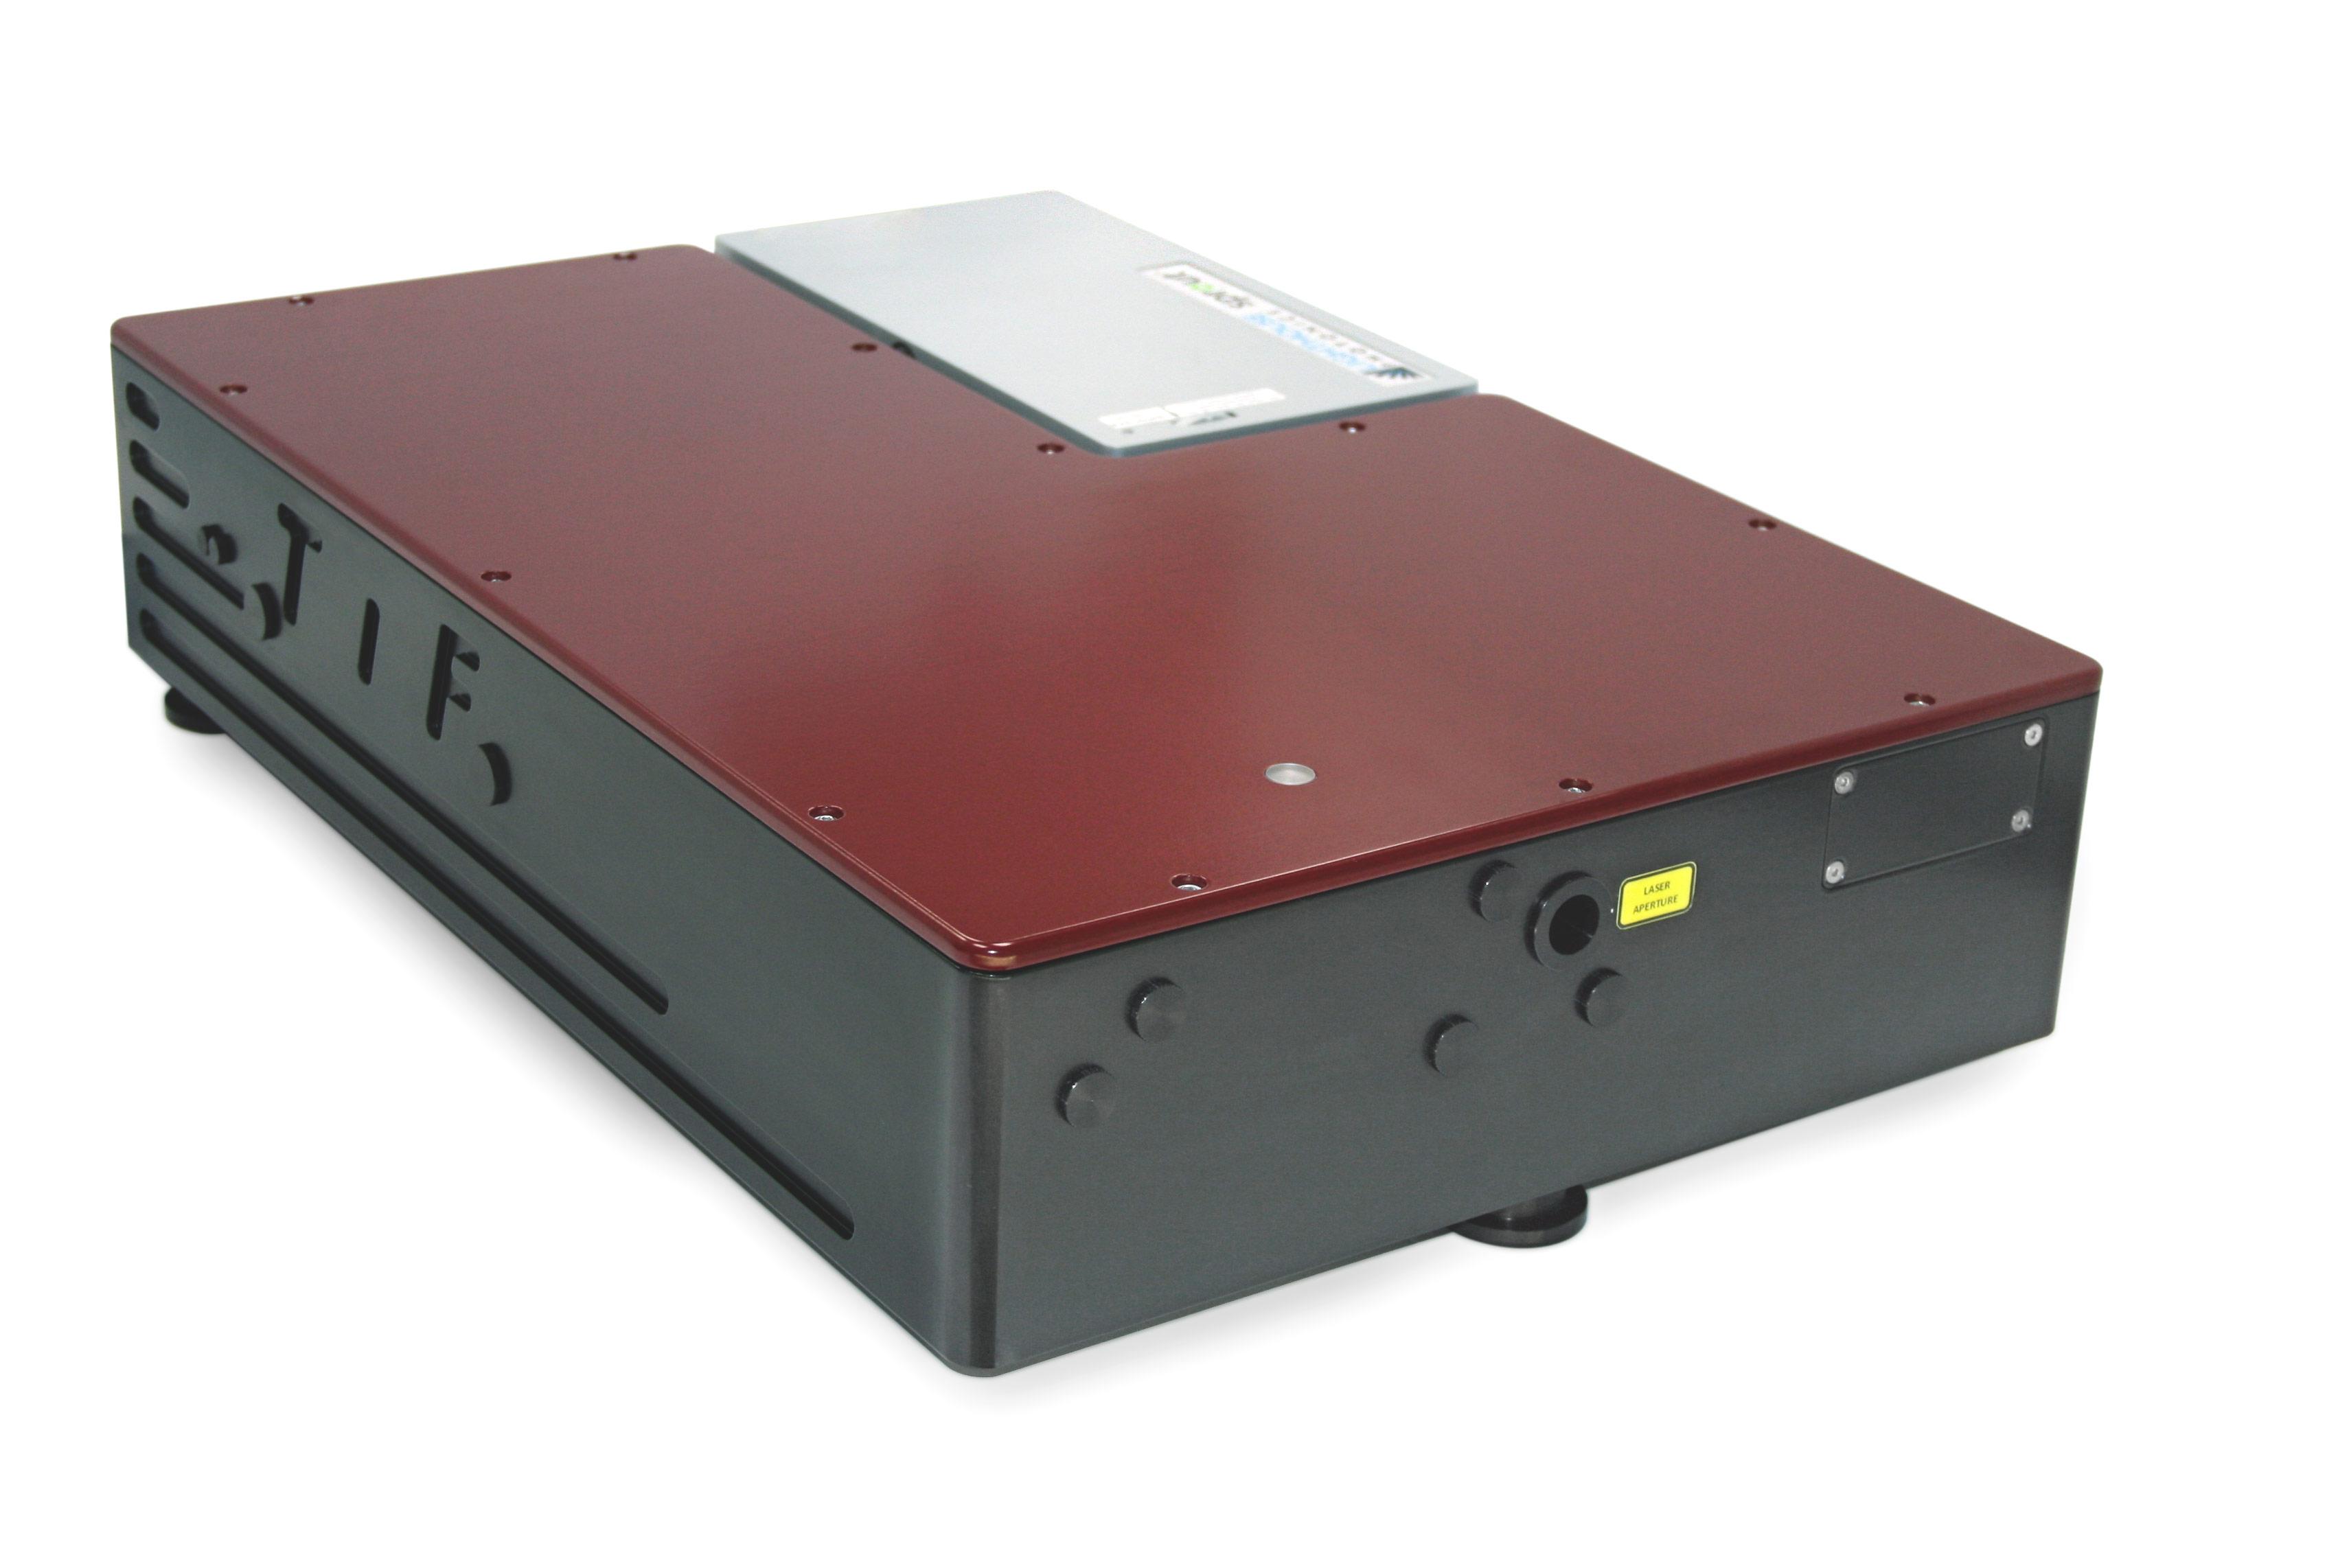 Оптический блок фемтосекундного лазера TiF-100F со встроенным лазером накачки